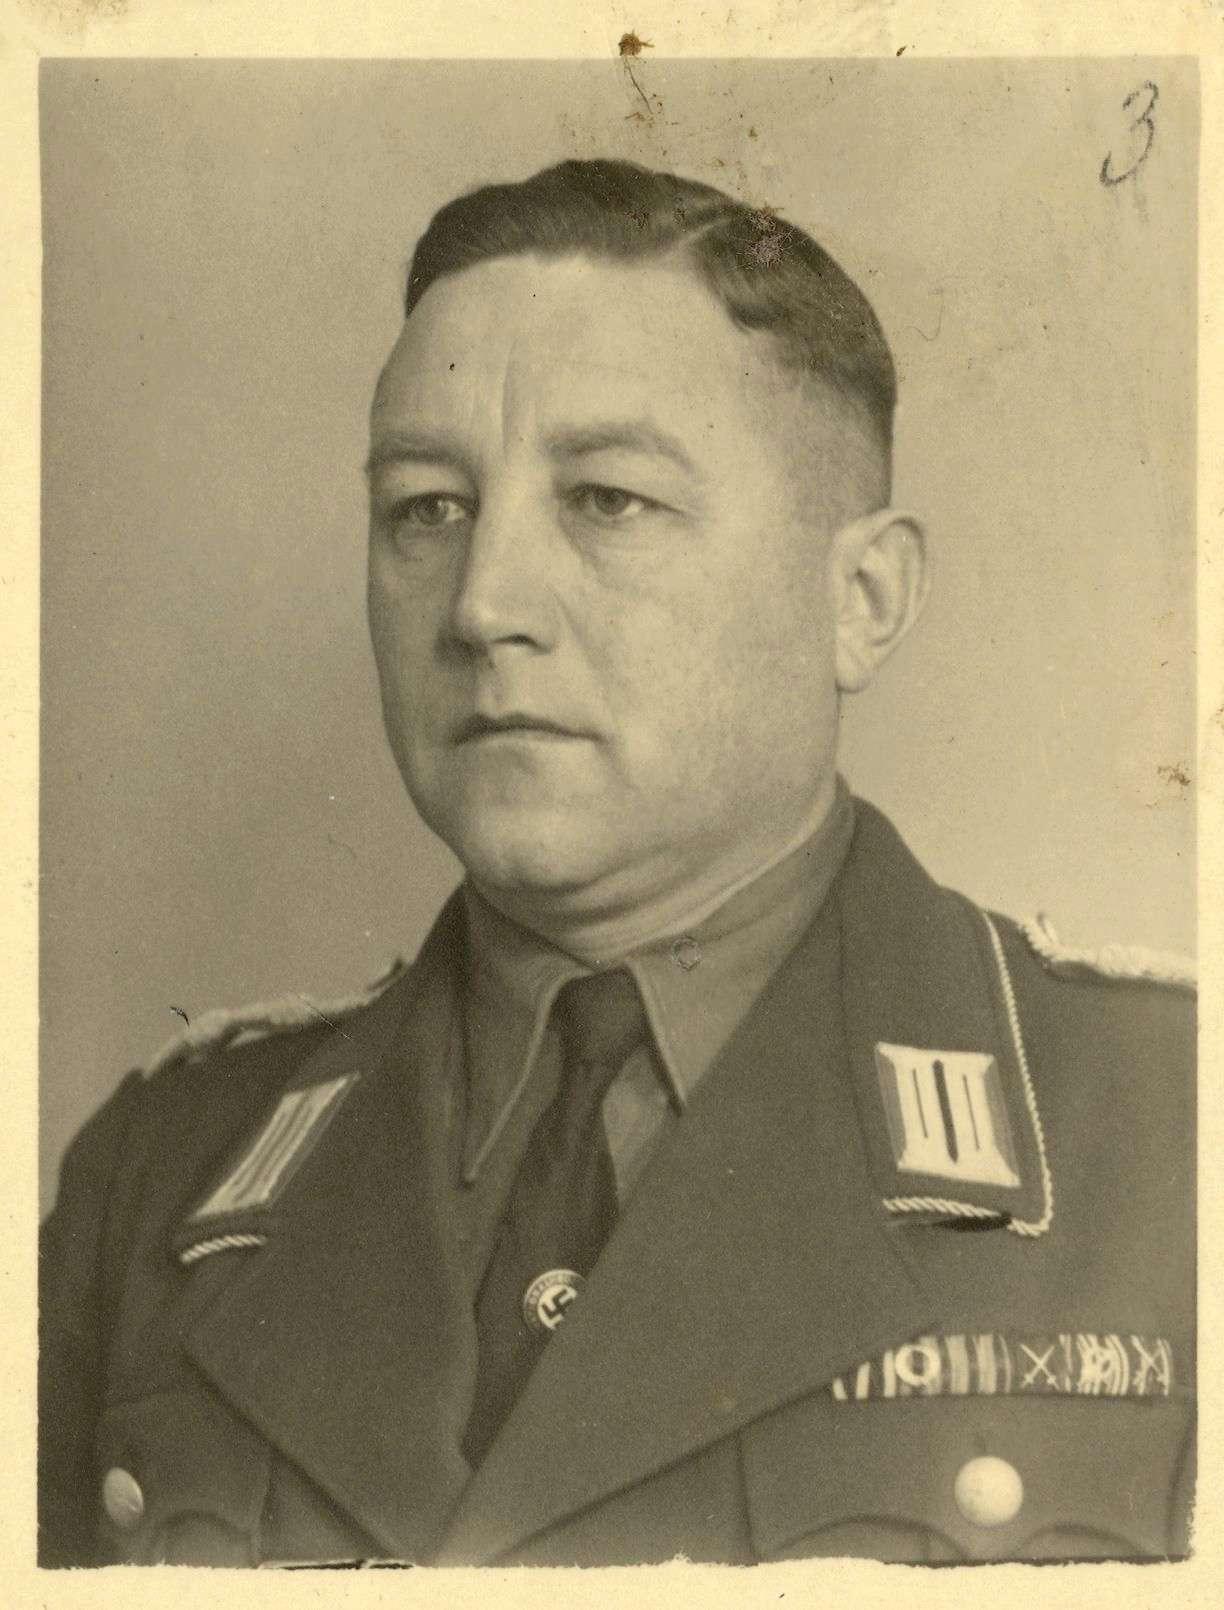 Wizemann, Eugen, Bild 1